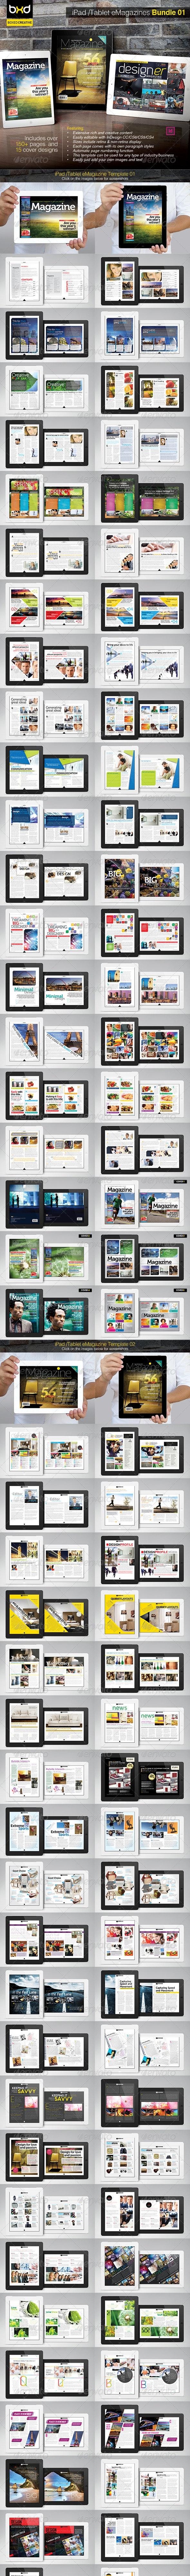 iPad/Tablet eMagazine InDesign Bundle V1 - Digital Magazines ePublishing